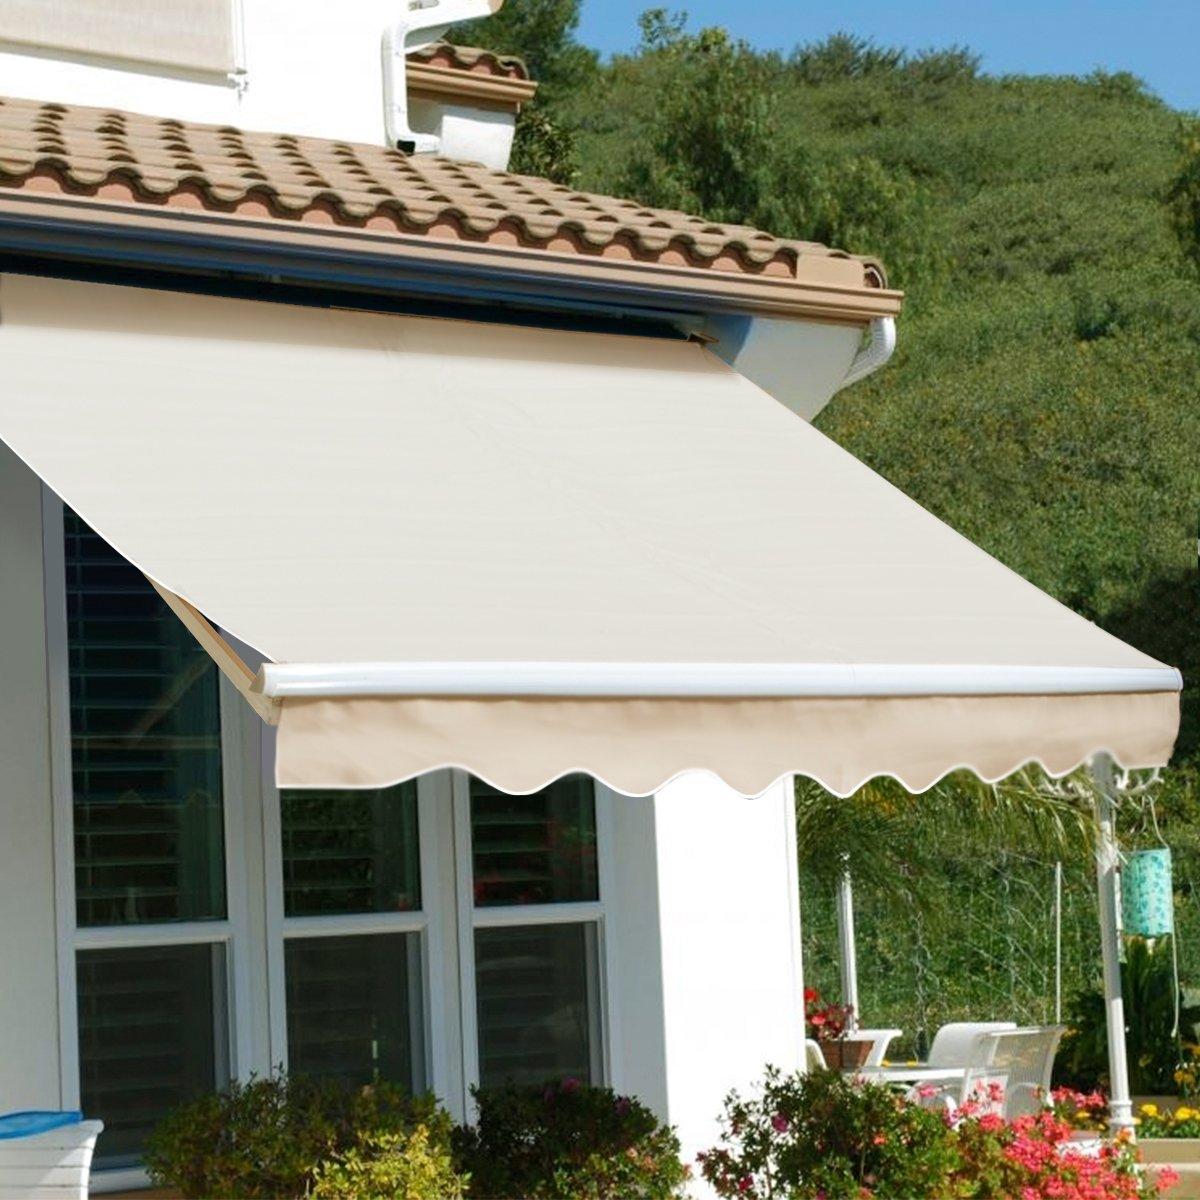 XtremepowerUS Patio Manual Retractable Sun Shade Awning - Tan (8' x 6')